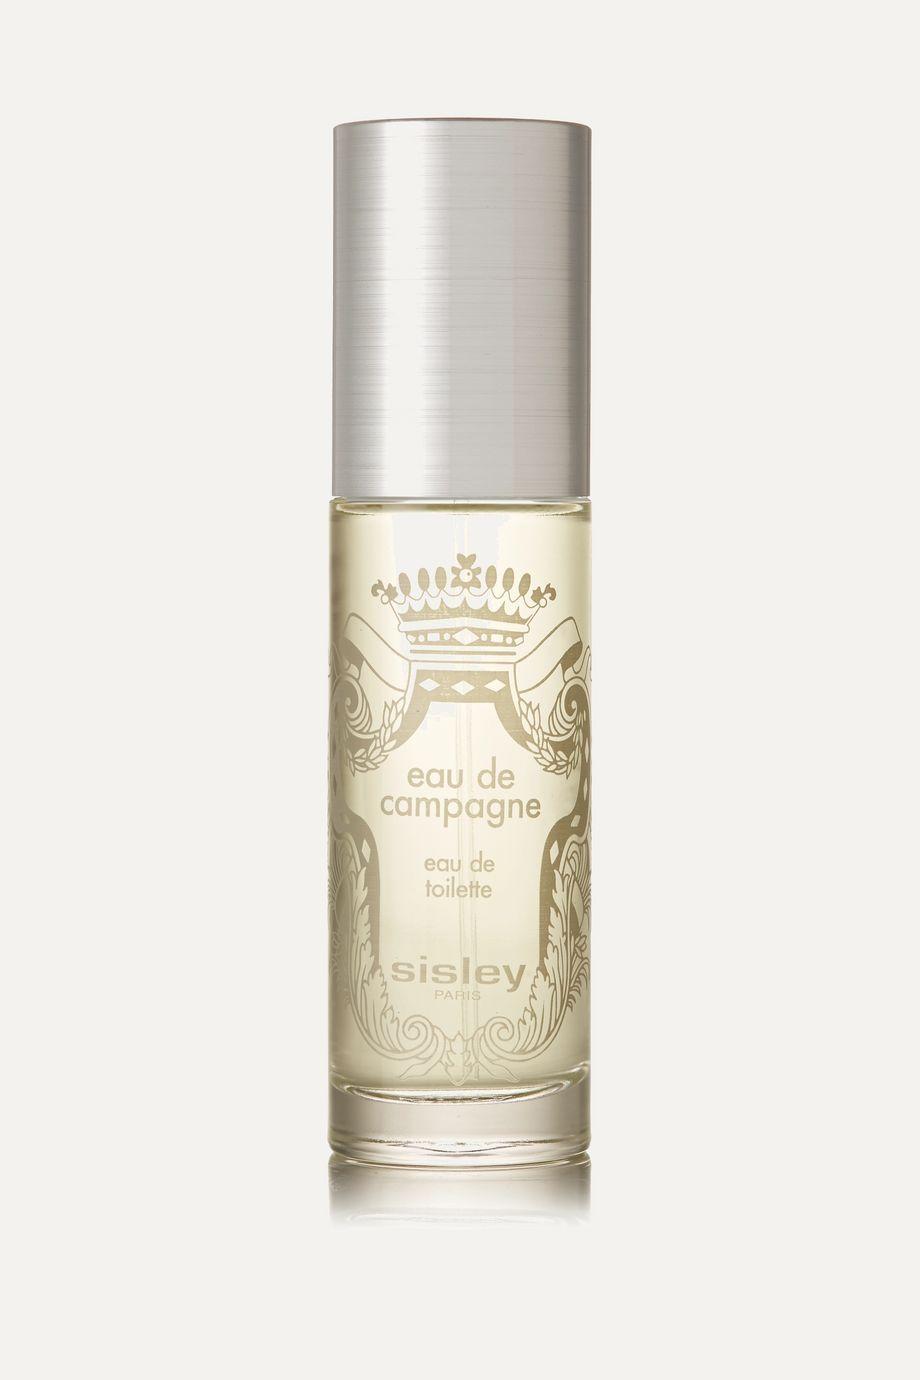 Sisley Eau de Campagne Eau de Toilette - Jasmine & Citrus, 50ml